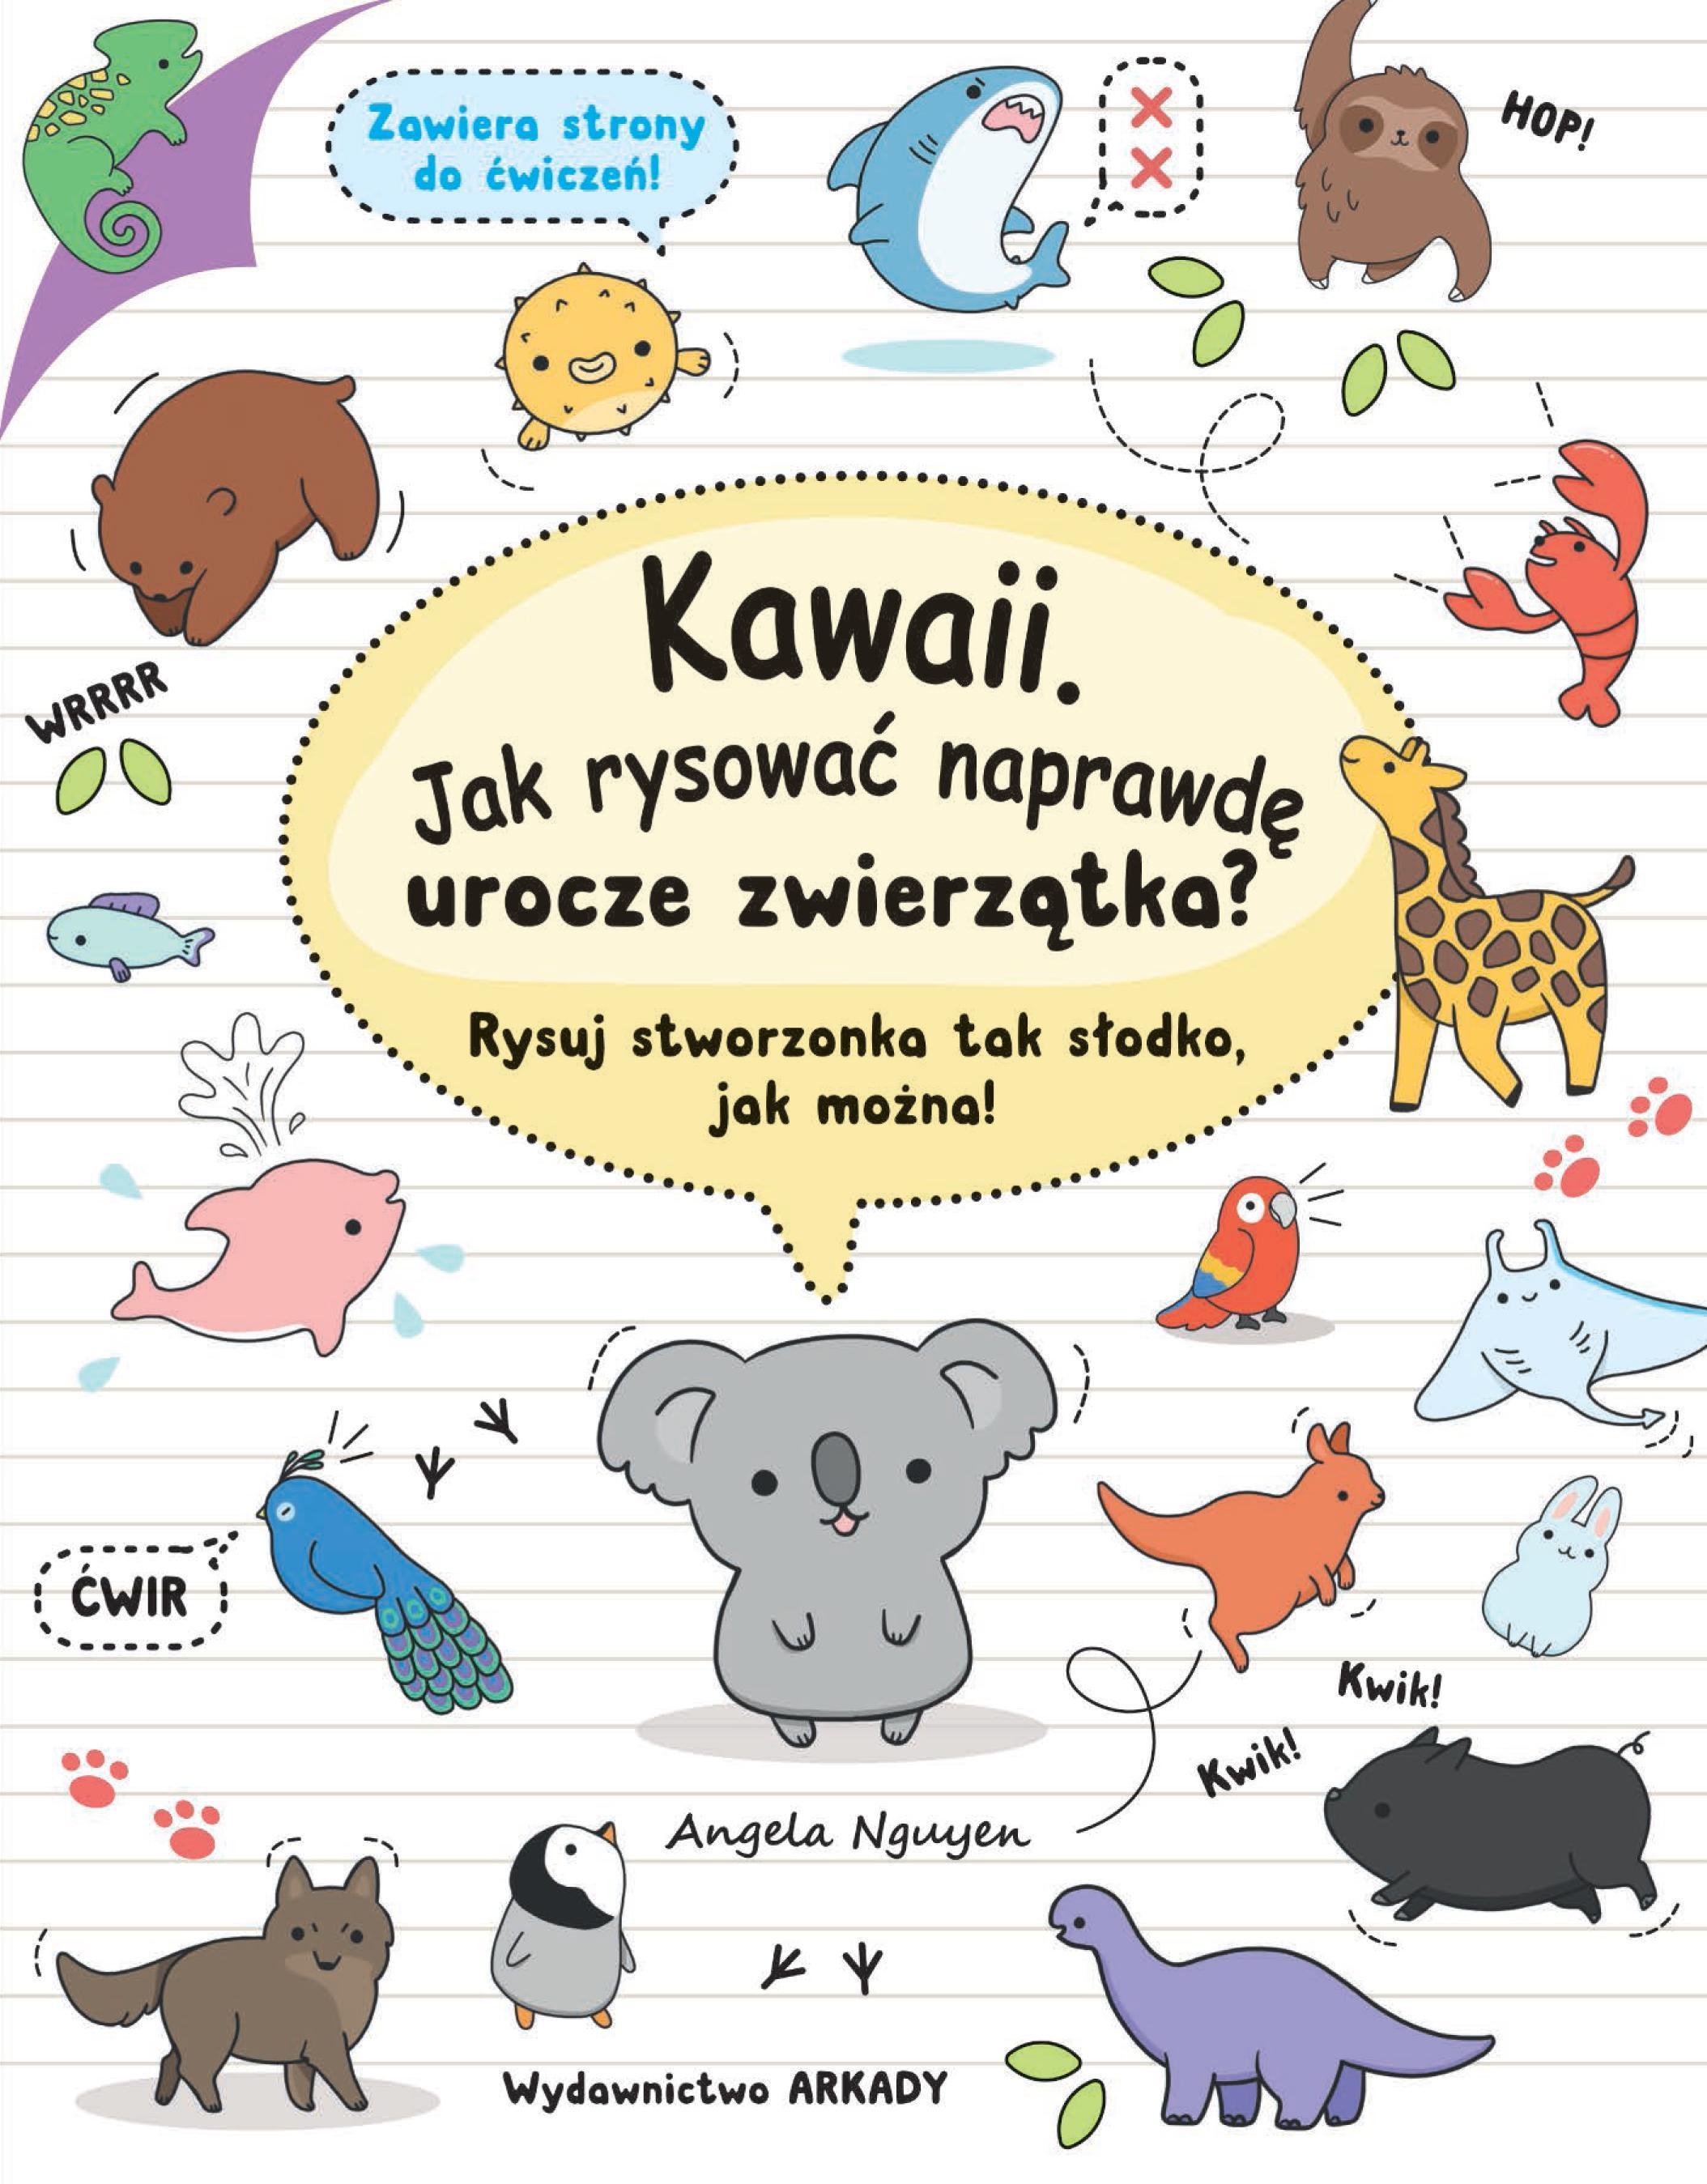 Kawaii Jak narysować naprawdę urocze zwierzątka